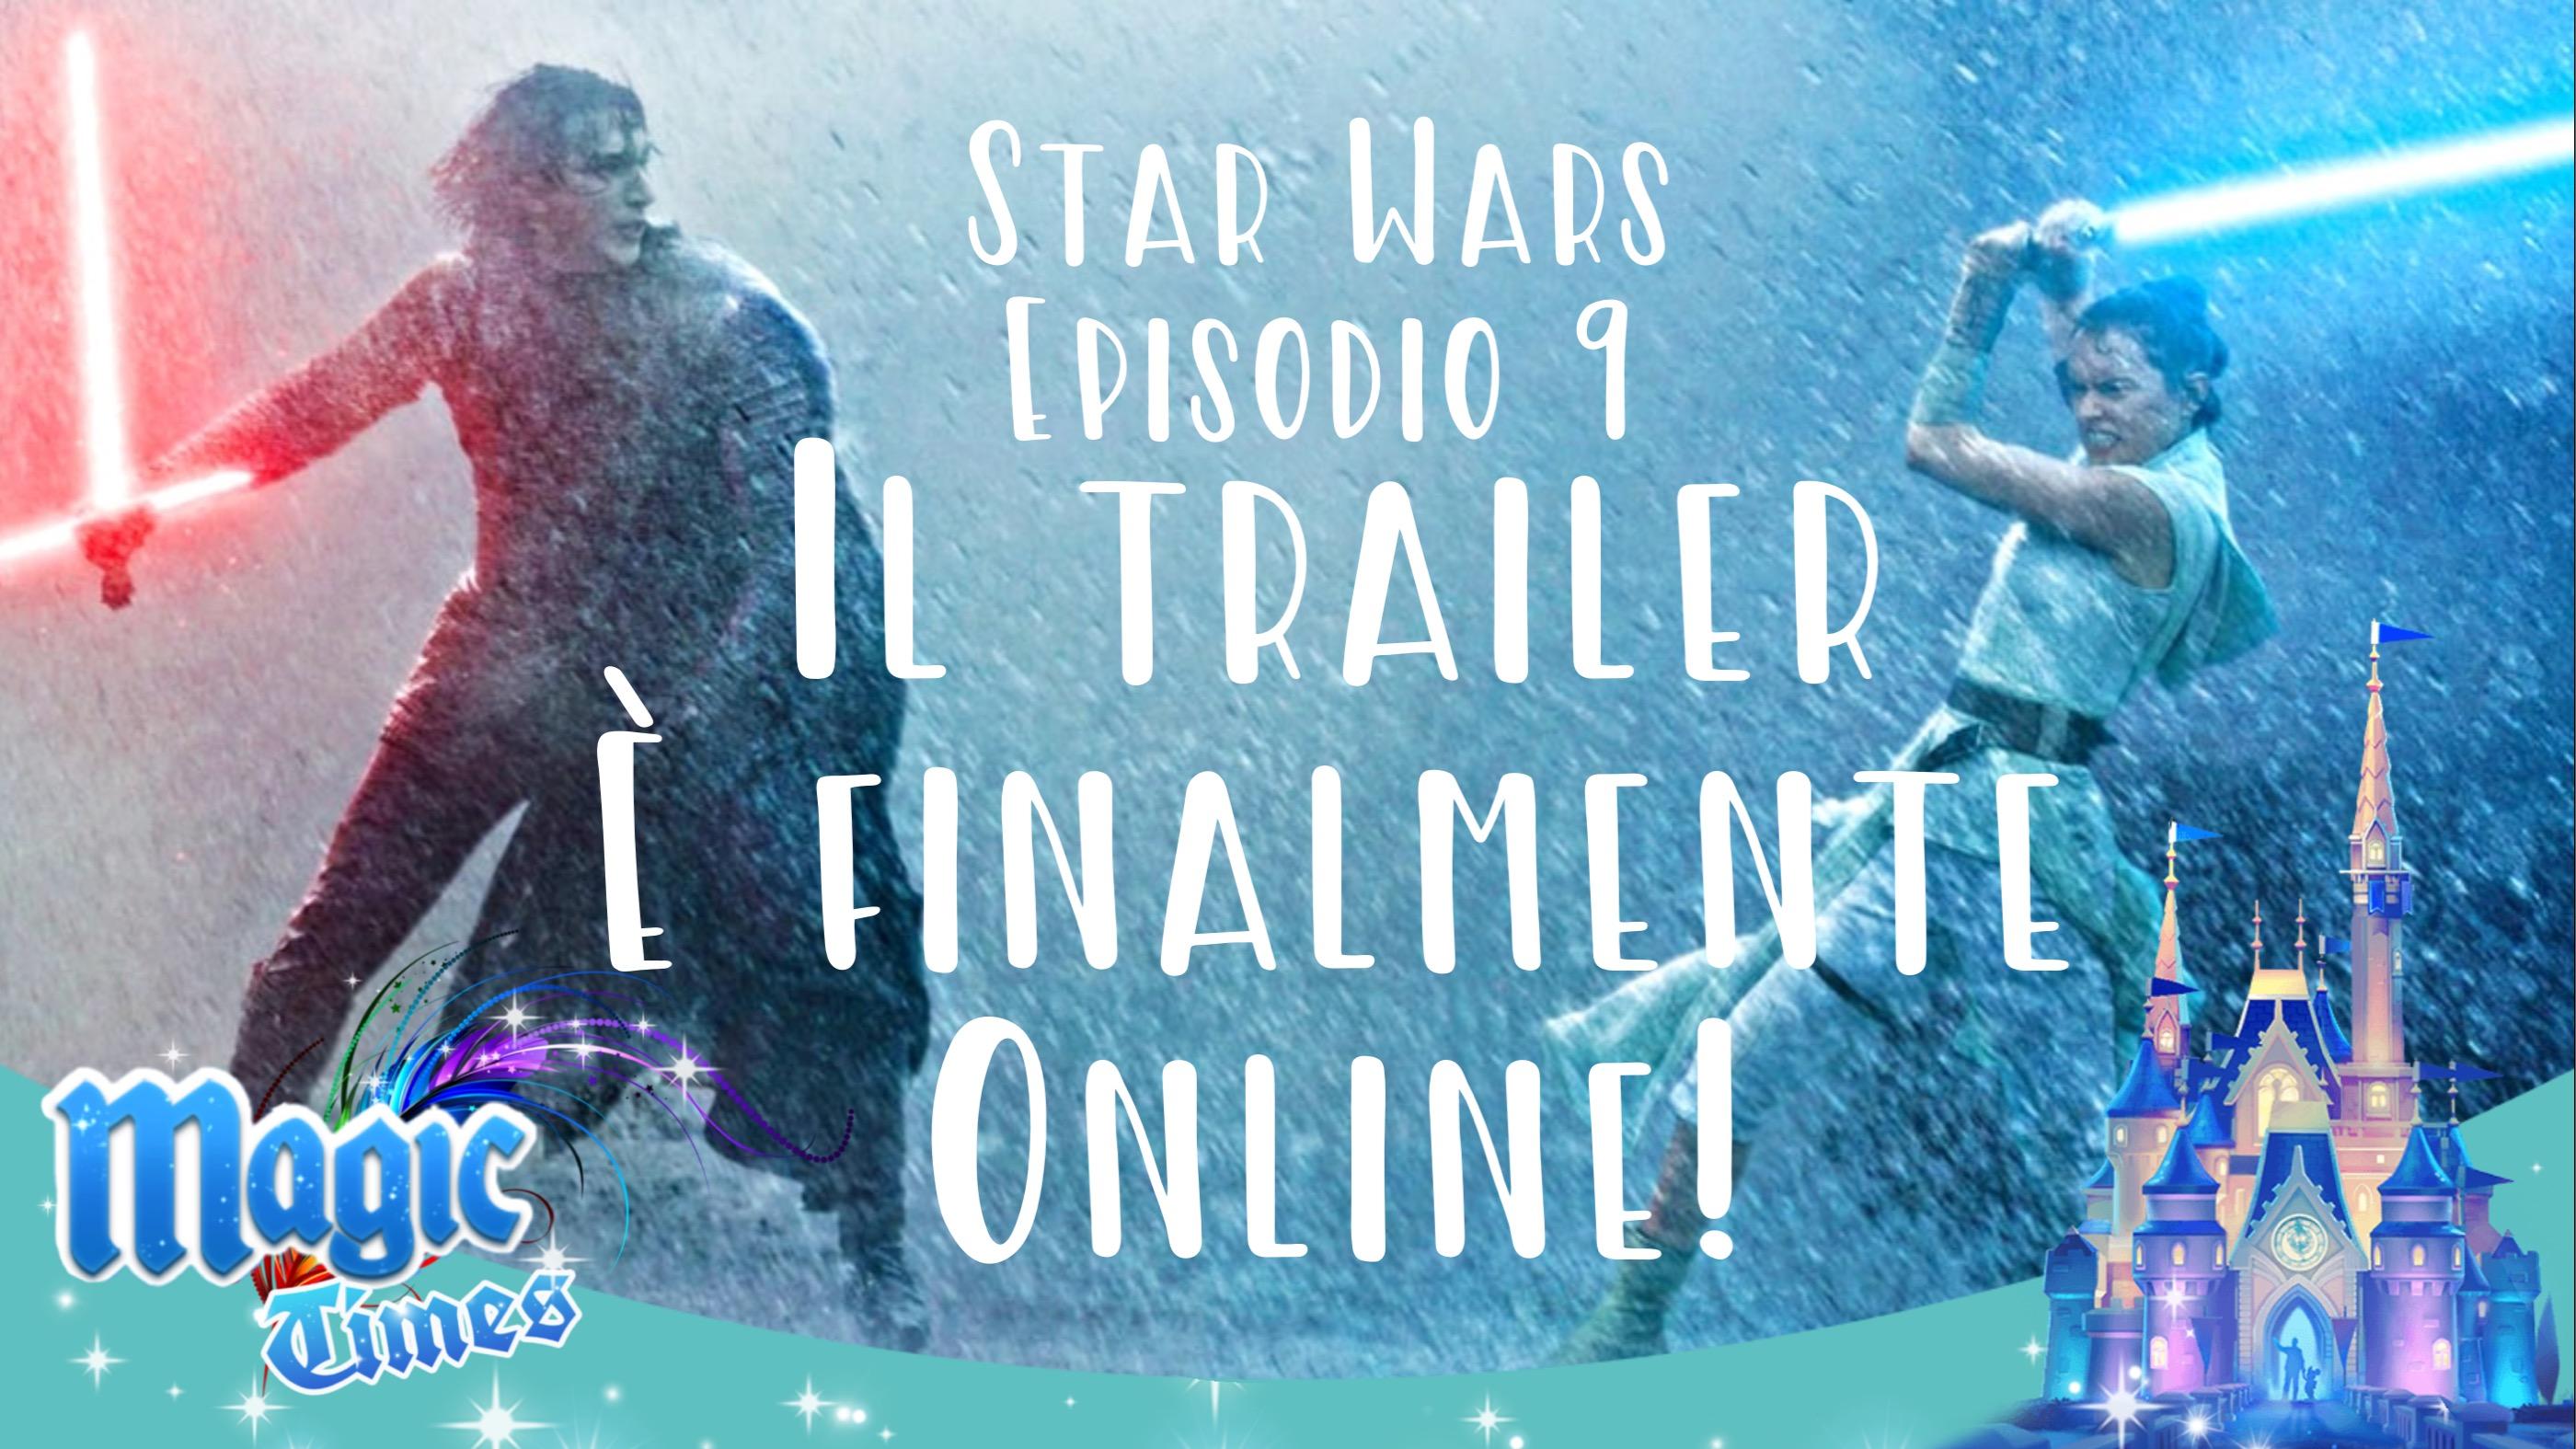 Star Wars Episodio 9: il trailer è finalmente online!